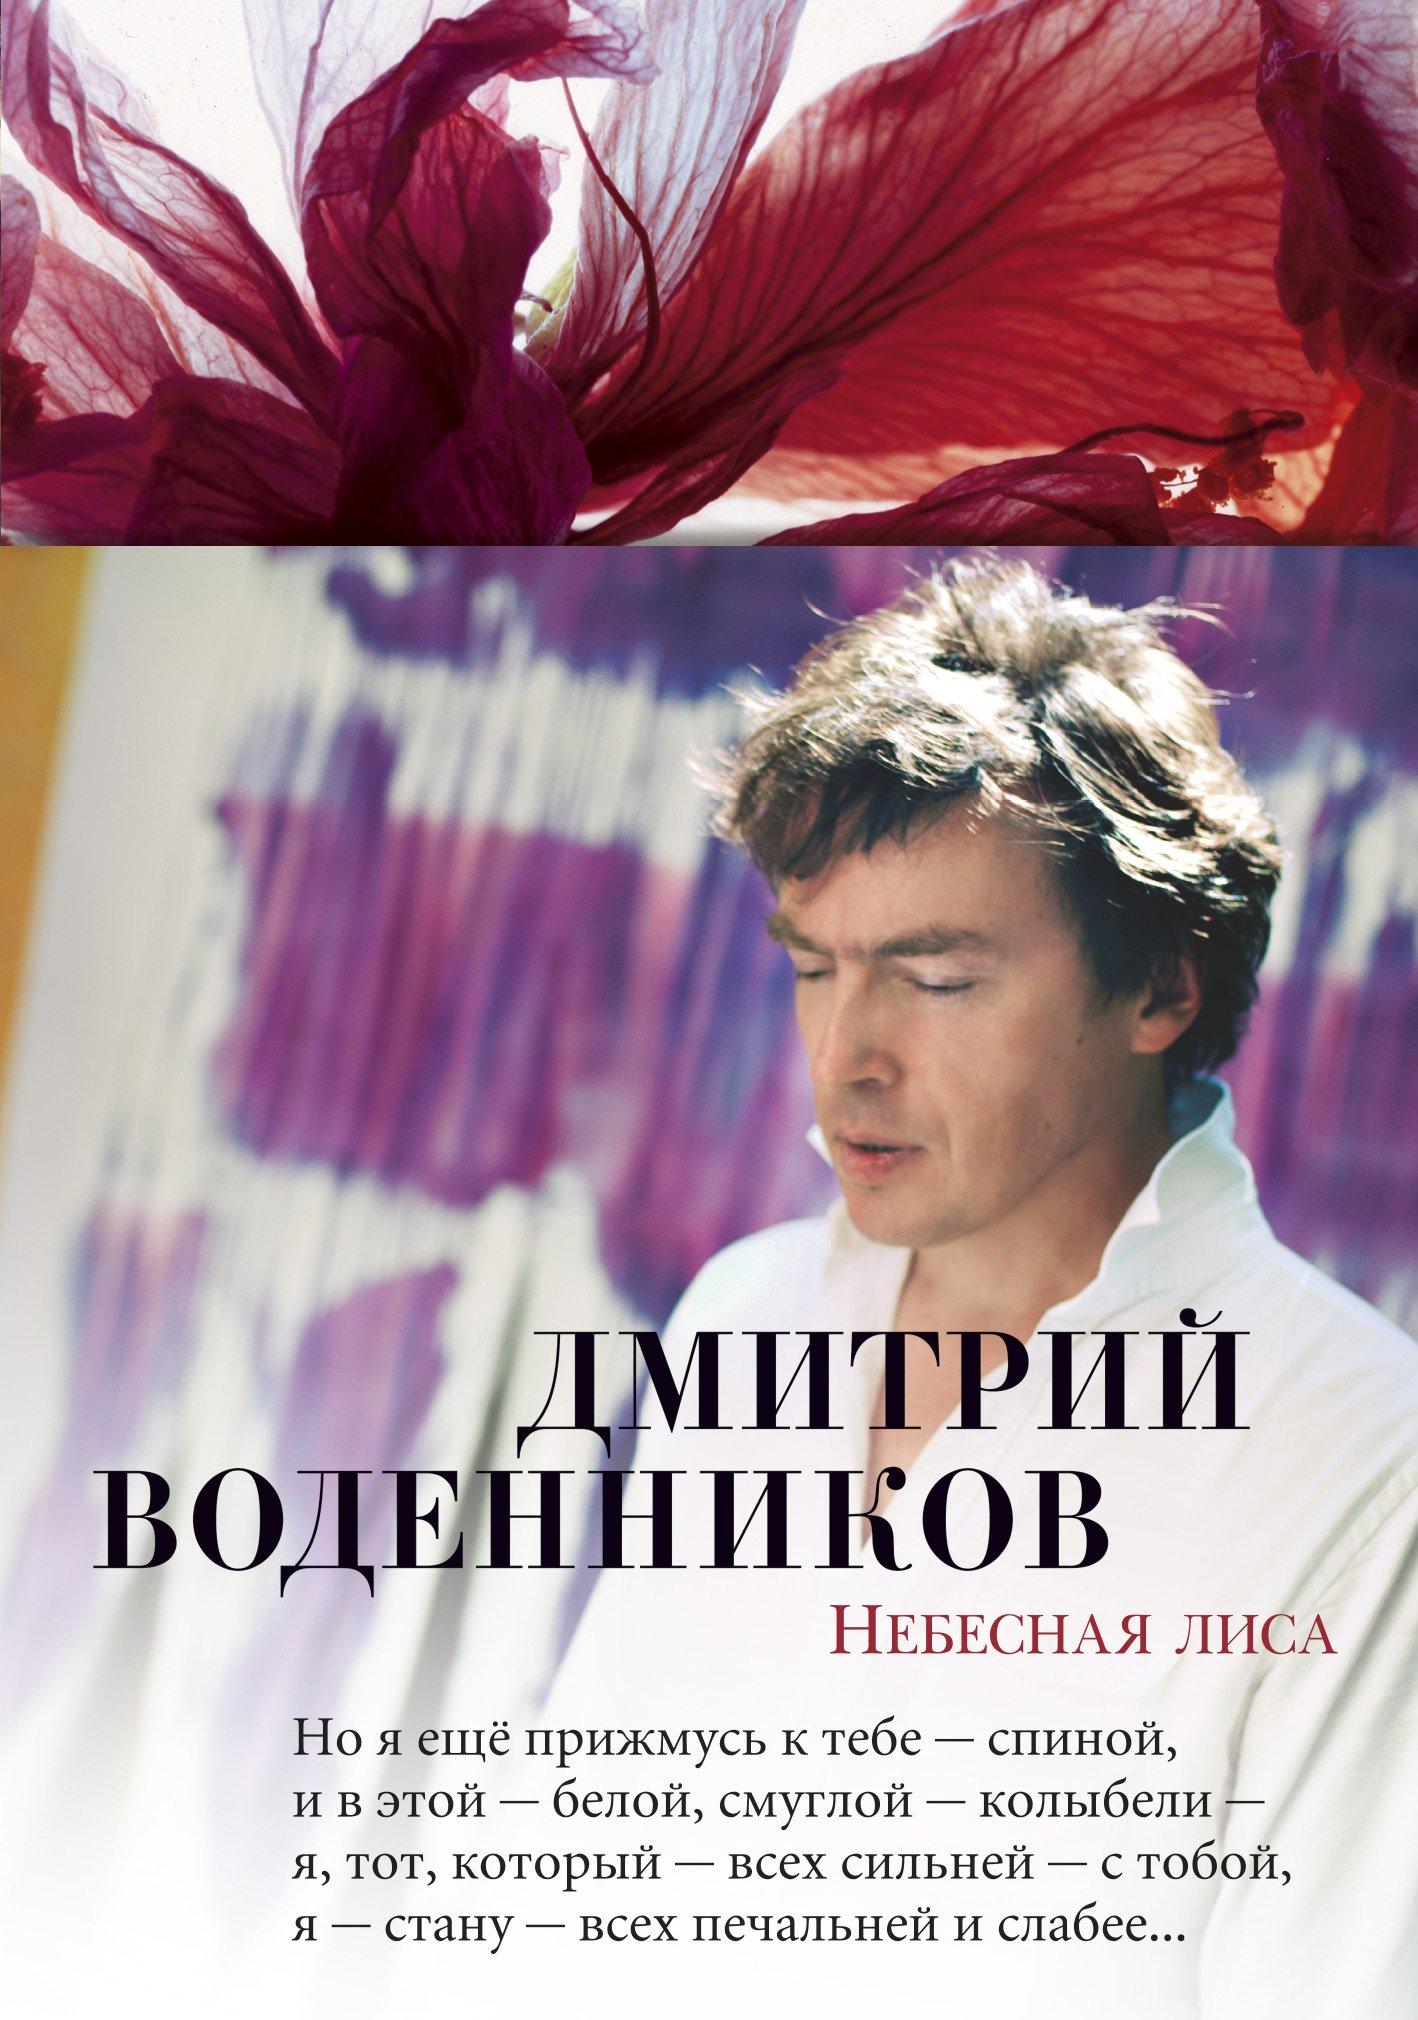 Воденников Дмитрий Борисович Небесная лиса